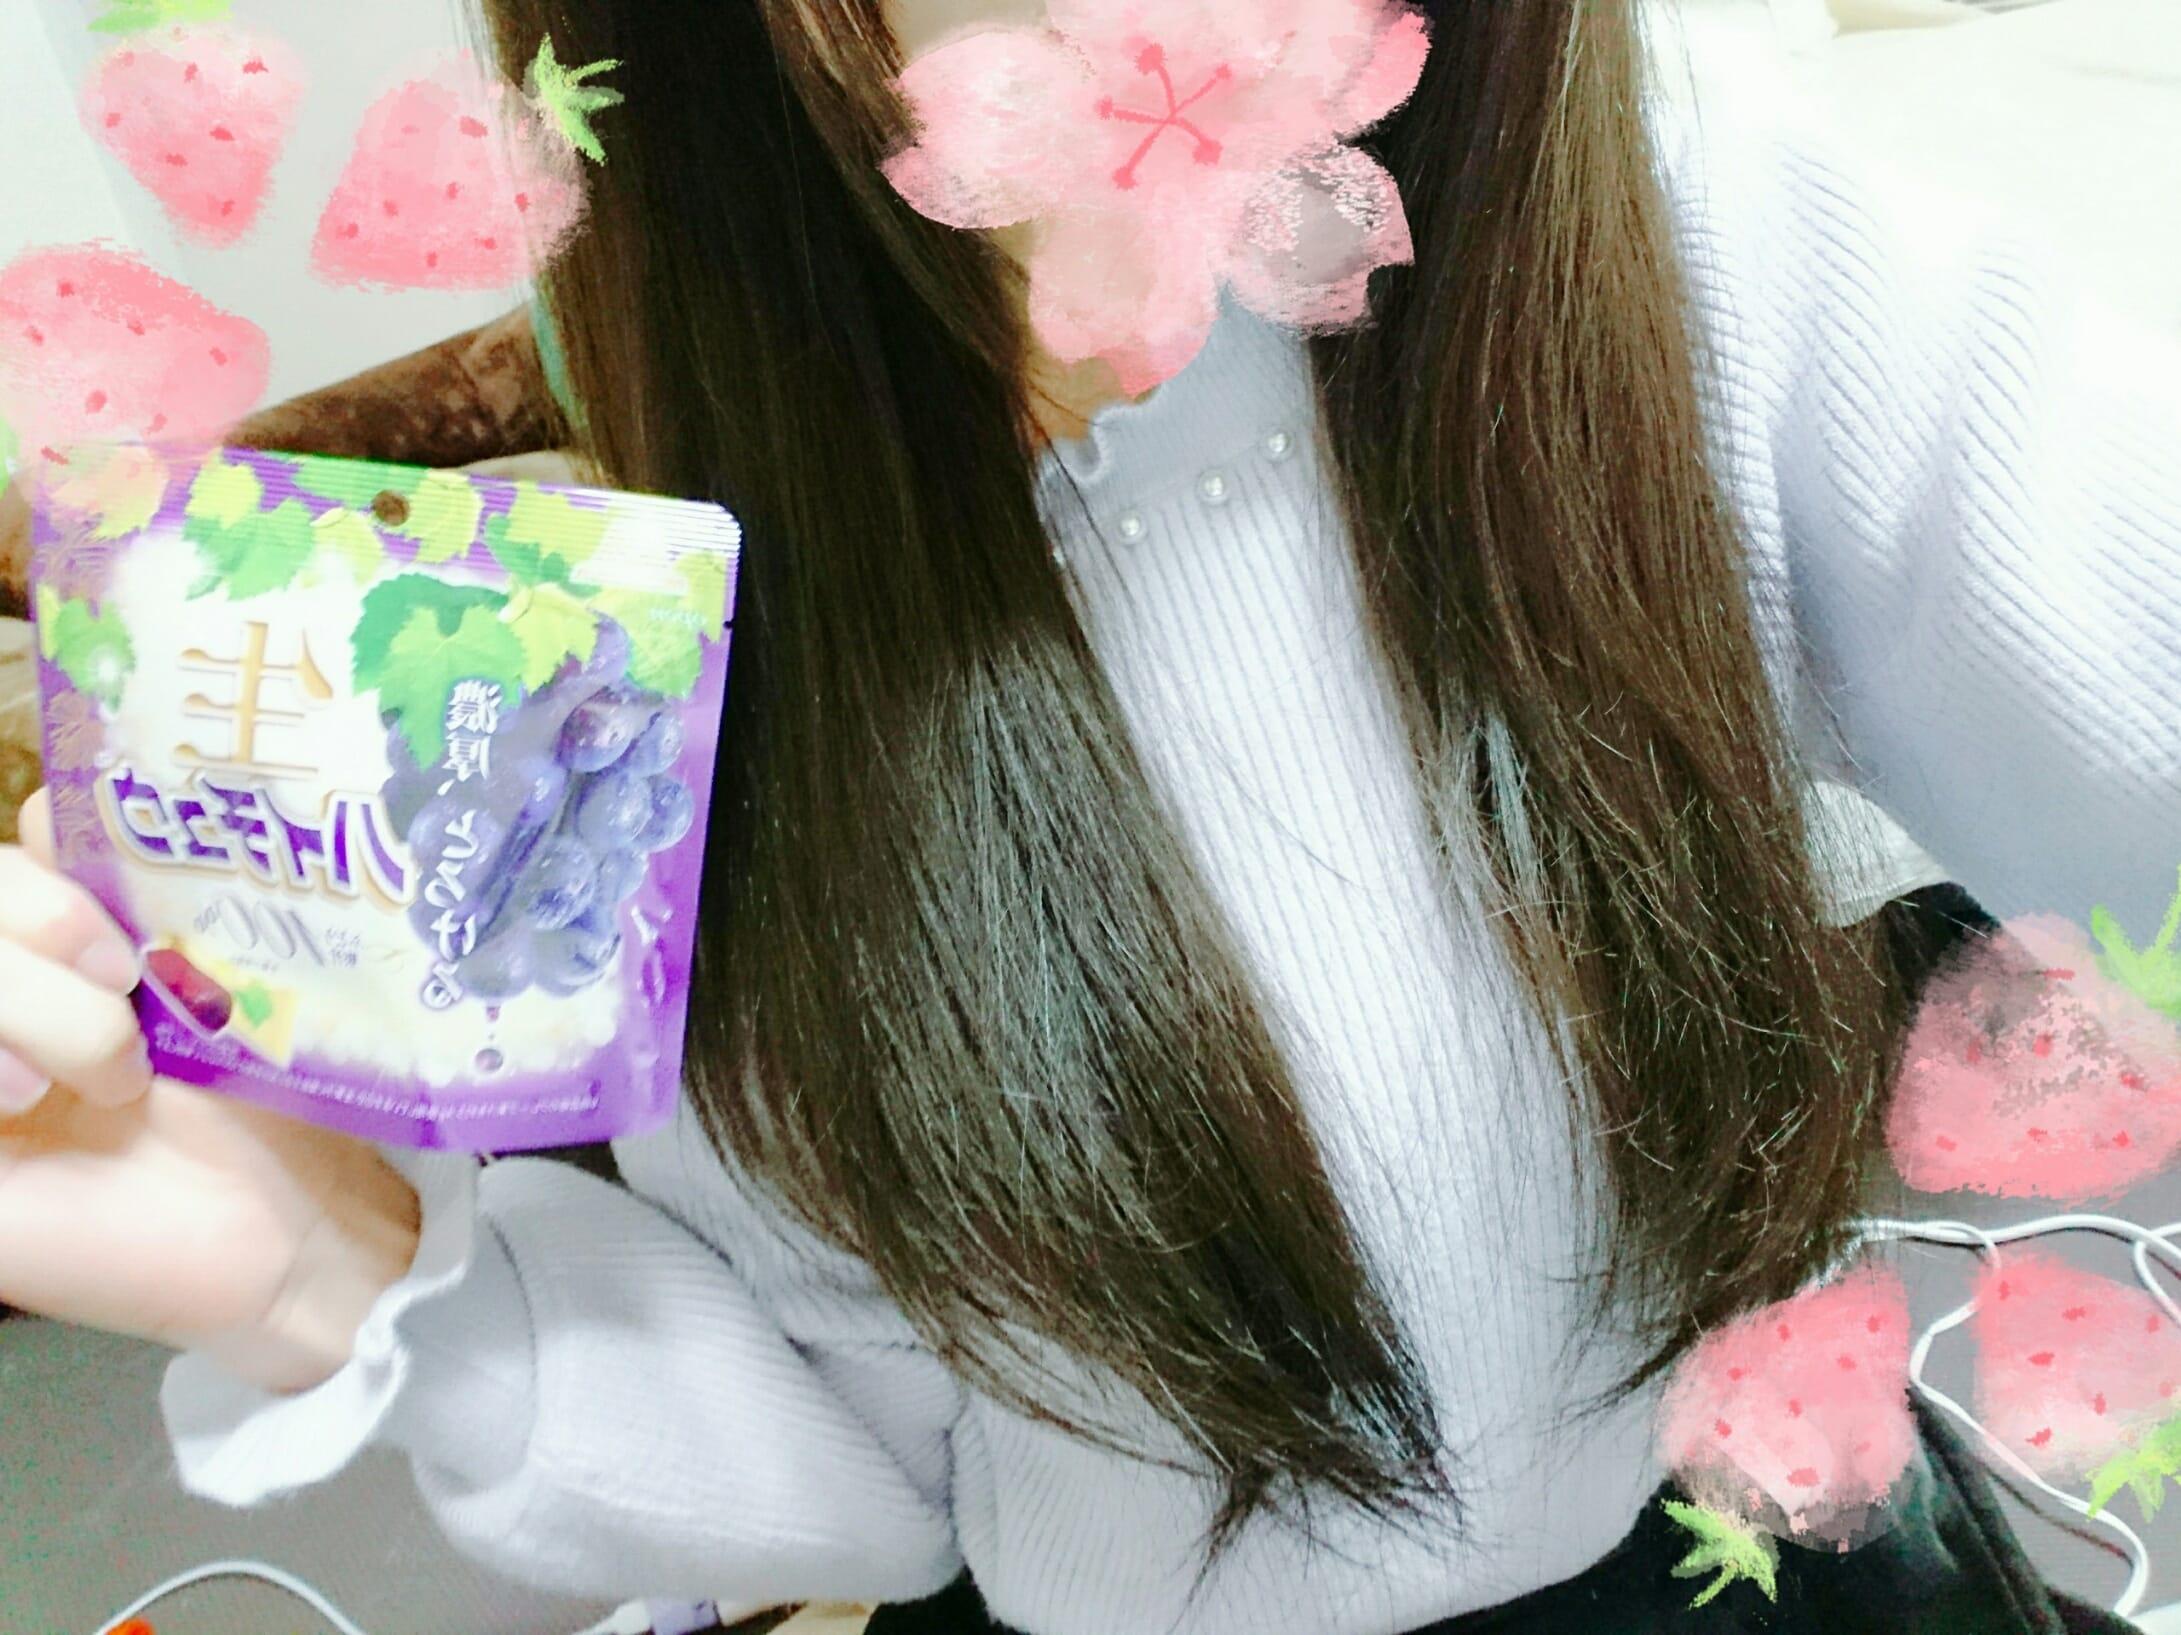 「急に♪」03/19(月) 22:15 | あすかの写メ・風俗動画